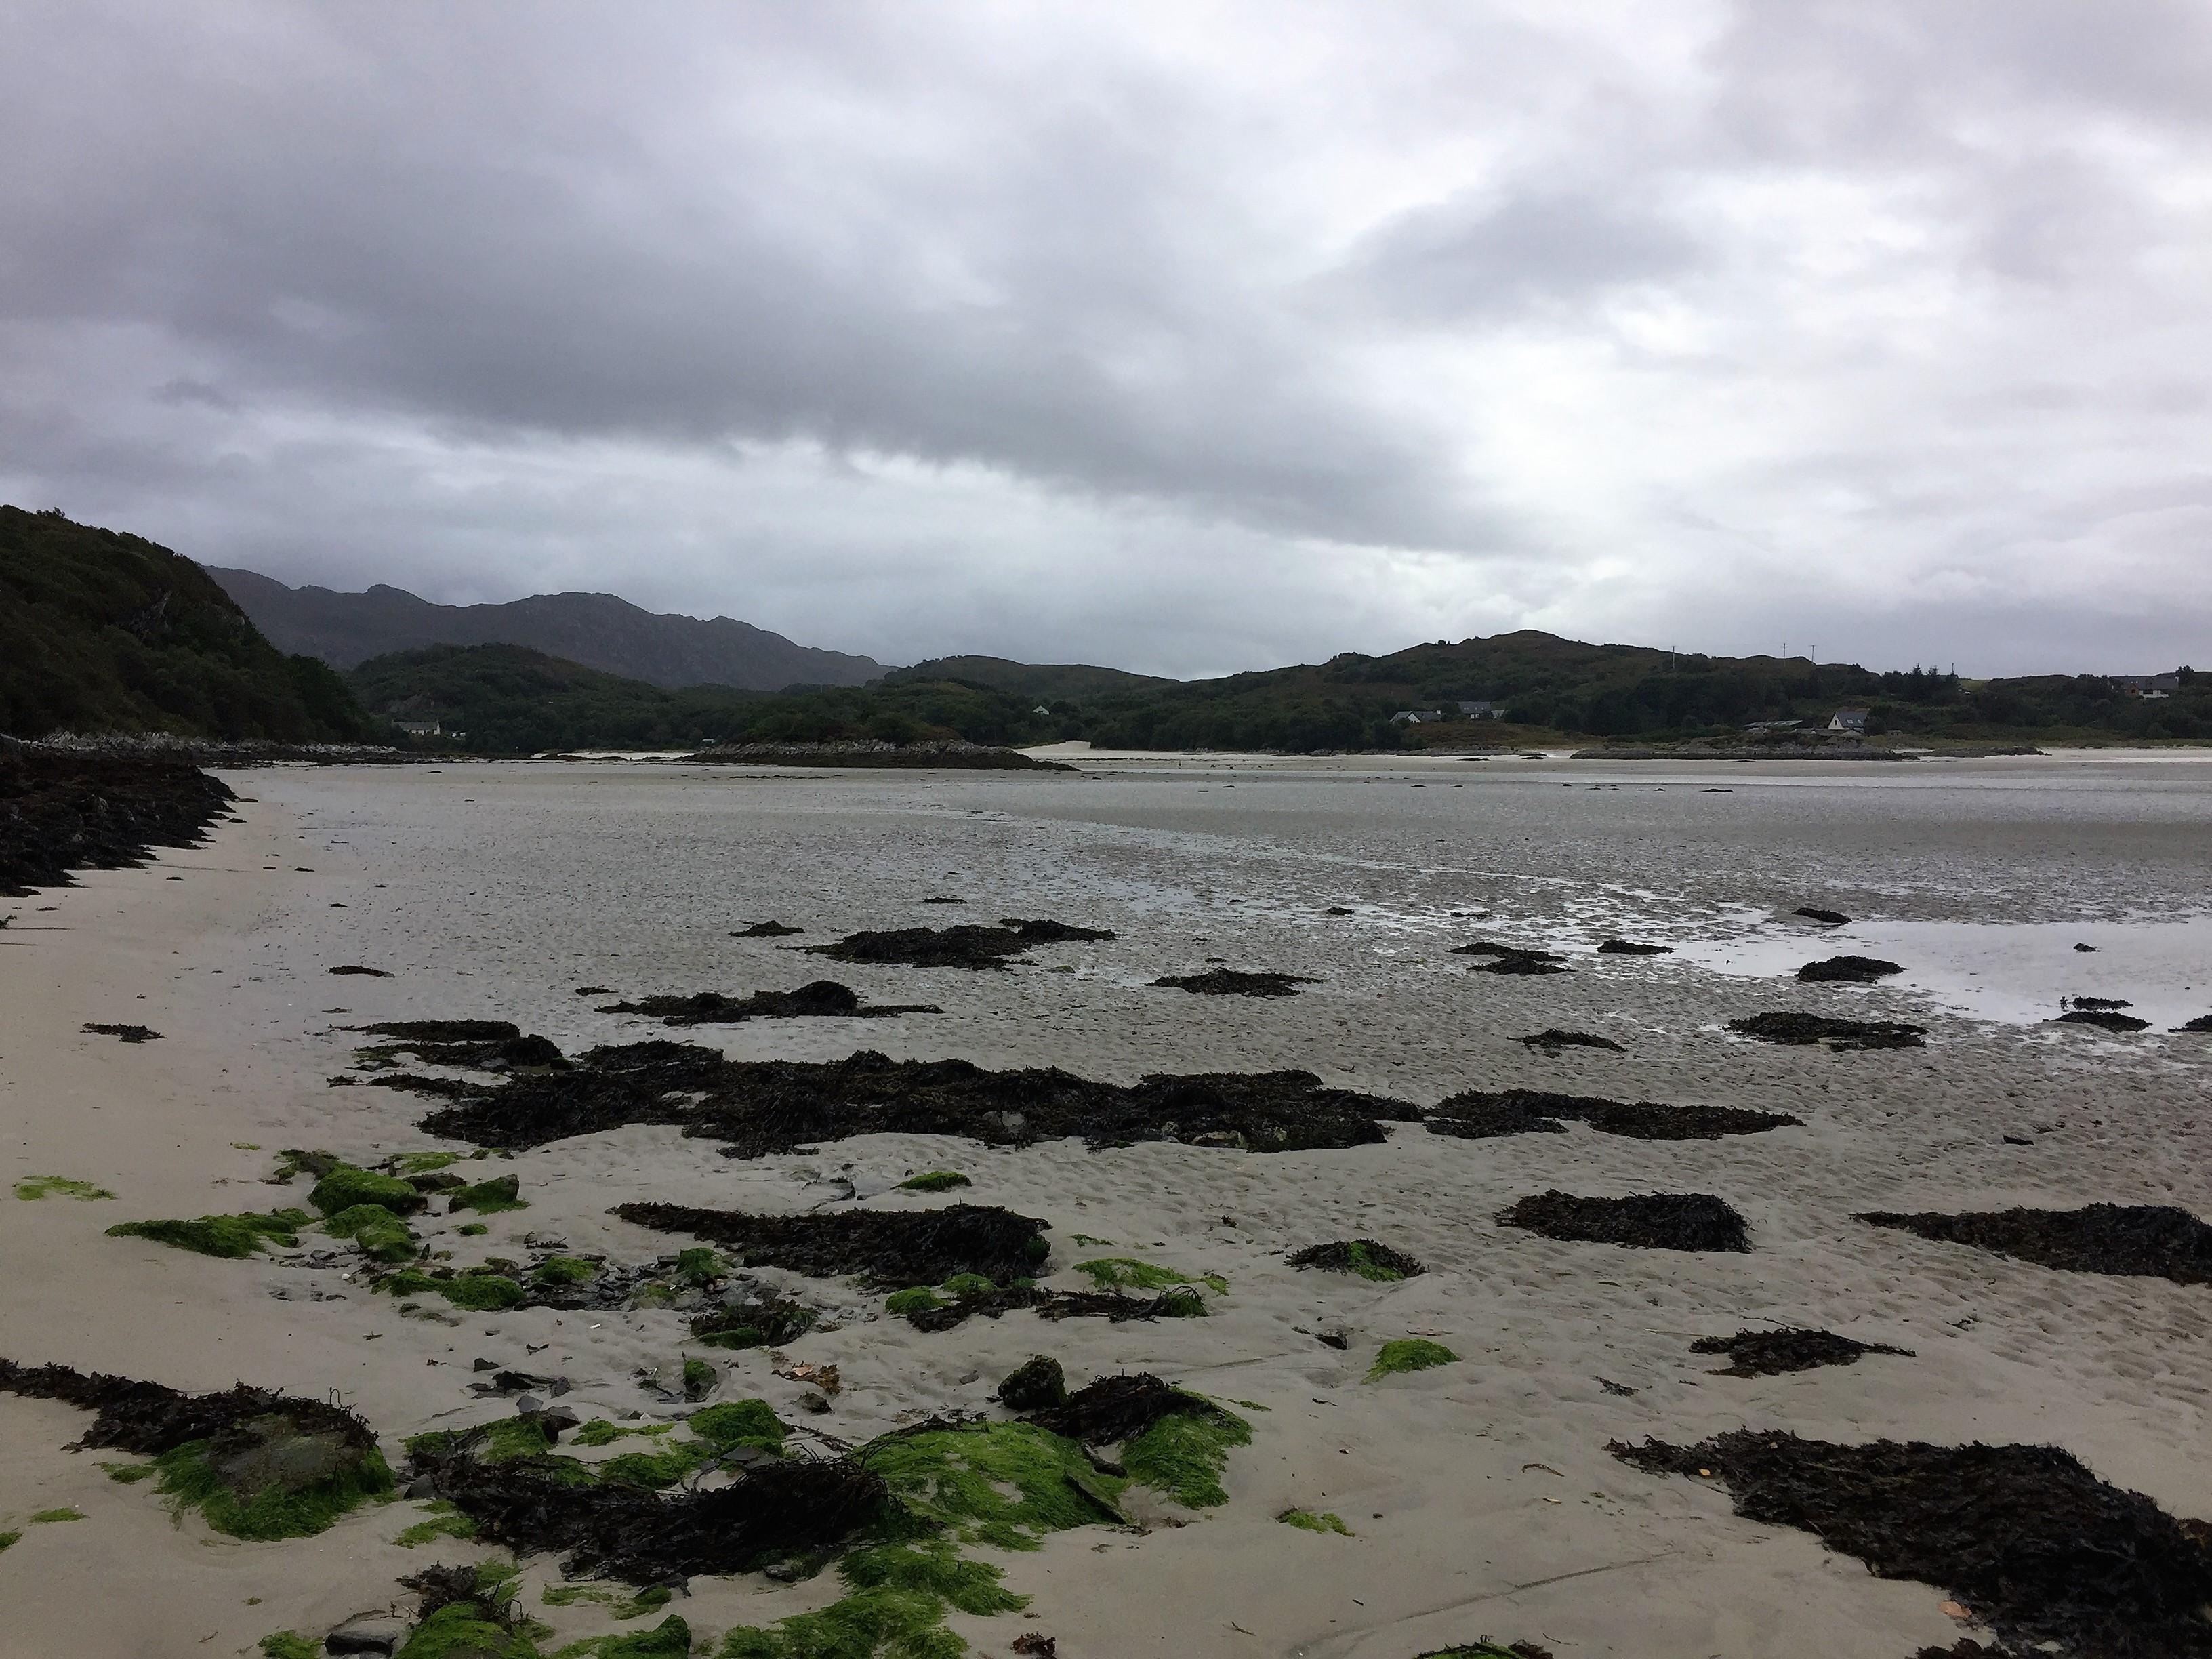 The beach by Morar in low tide.